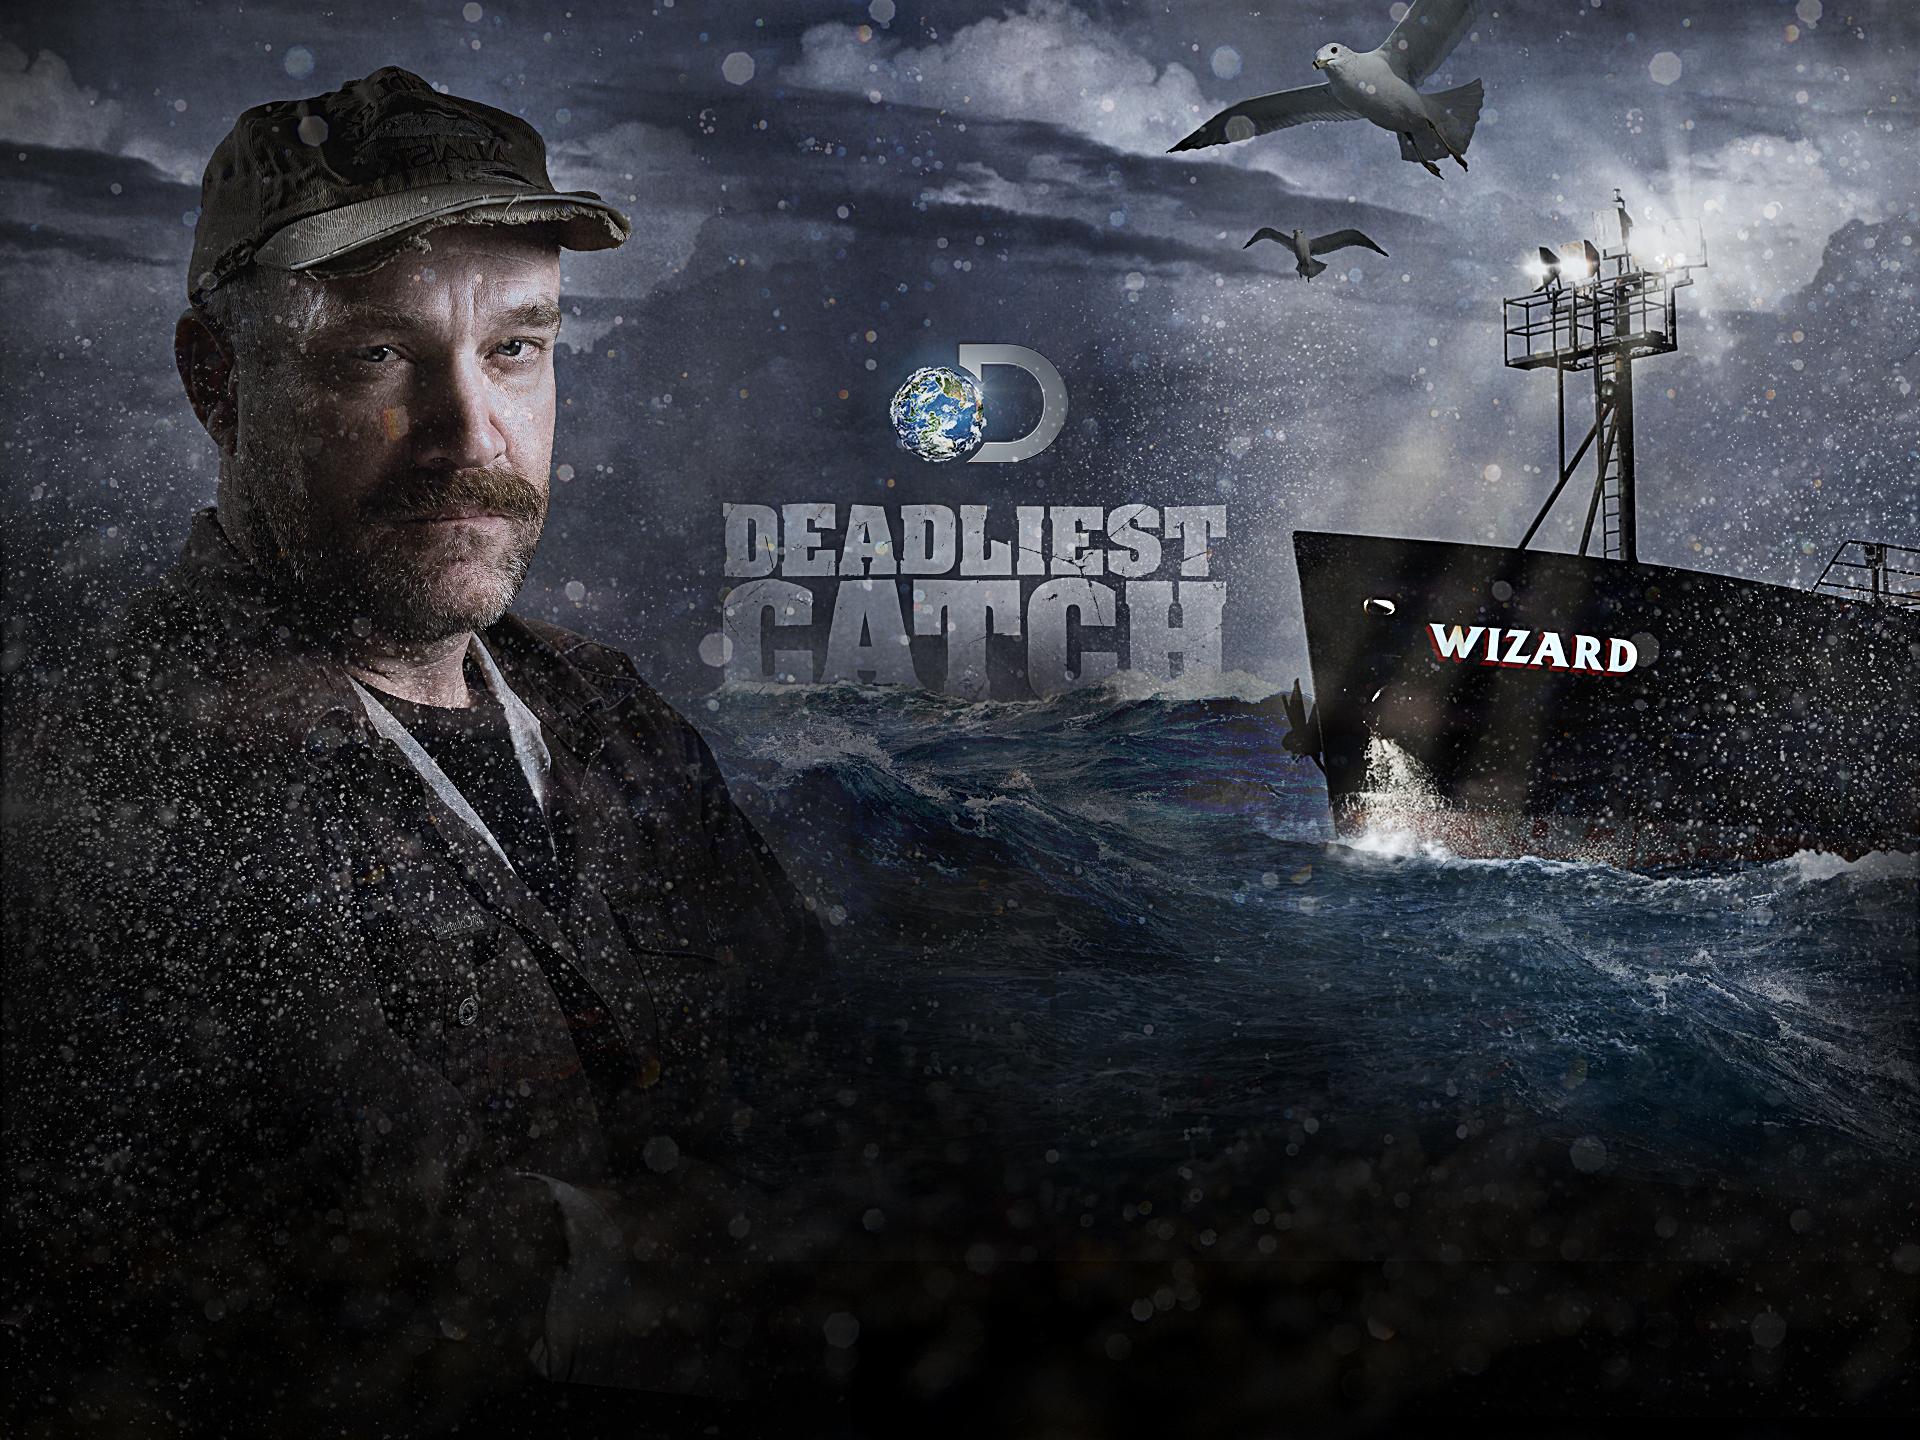 Deadliest Catch Raw Wizard Discovery Channel 1920x1440